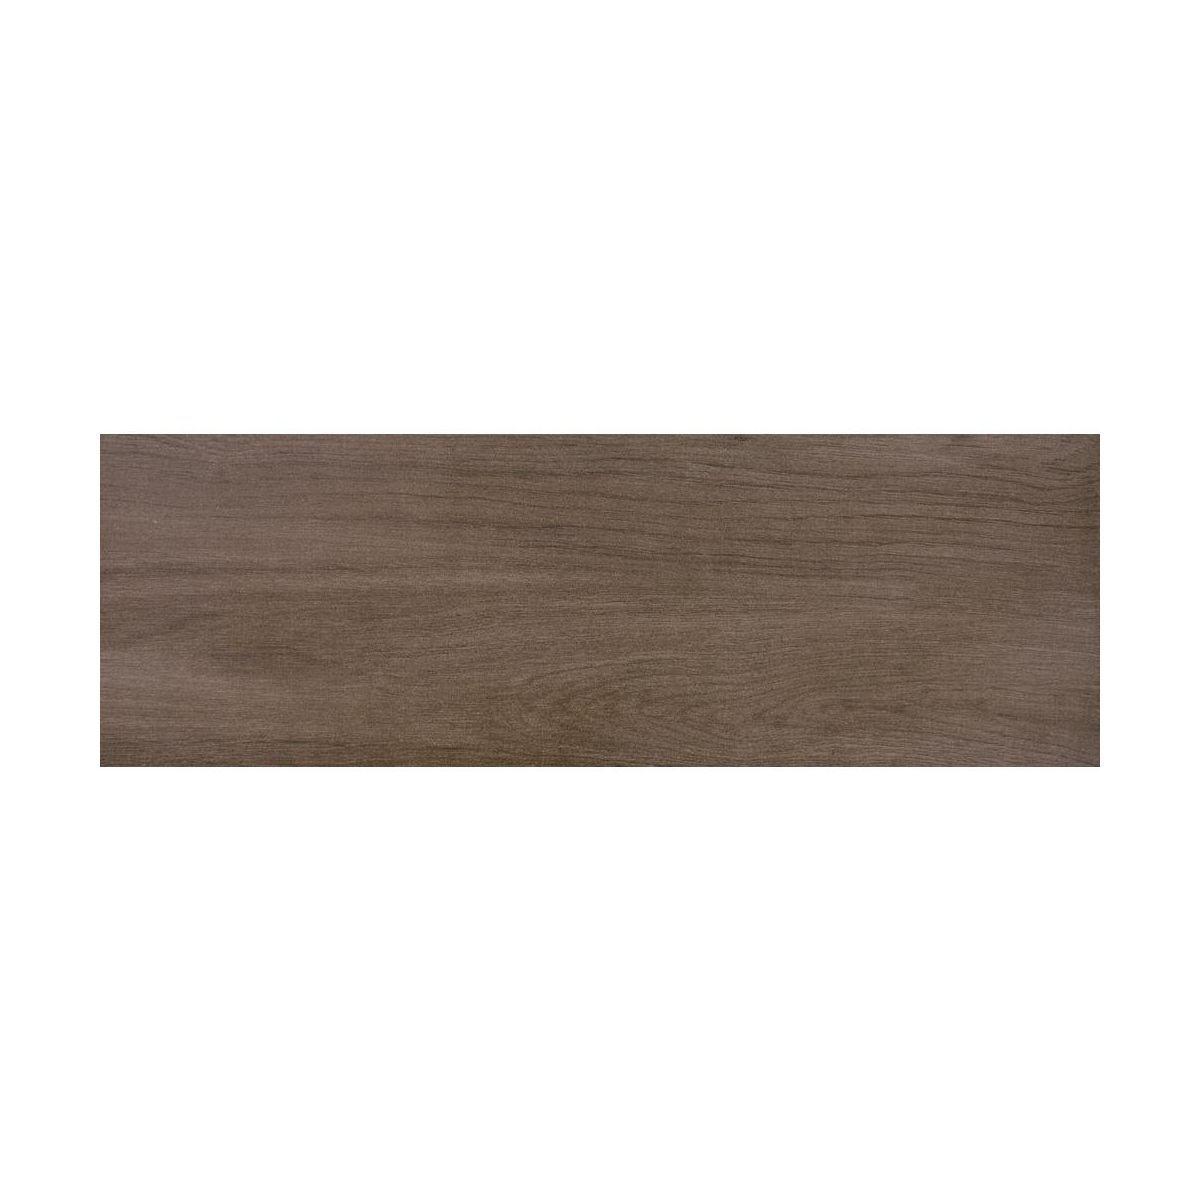 Gres Szkliwiony Sherwood 20 X 60 Cm Atem Plytki Do Wewnatrz W Atrakcyjnej Cenie W Sklepach Leroy Merlin Home Decor Decor Rugs